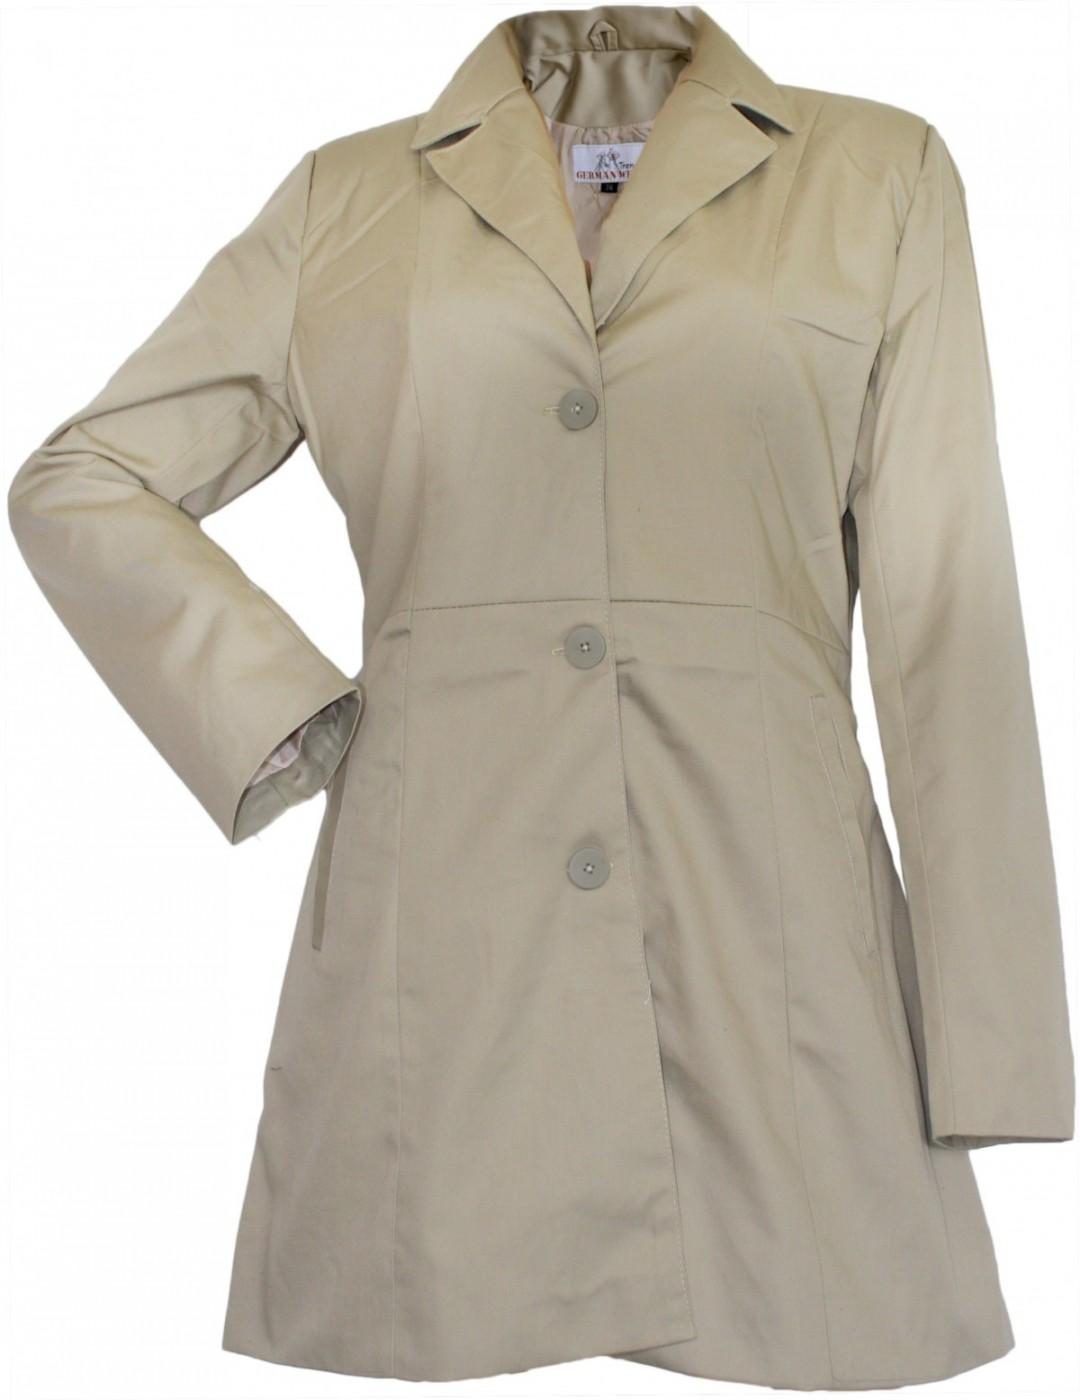 damen mantel trenchcoat aus baumwolle beige kaufen bei german wear gmbh. Black Bedroom Furniture Sets. Home Design Ideas